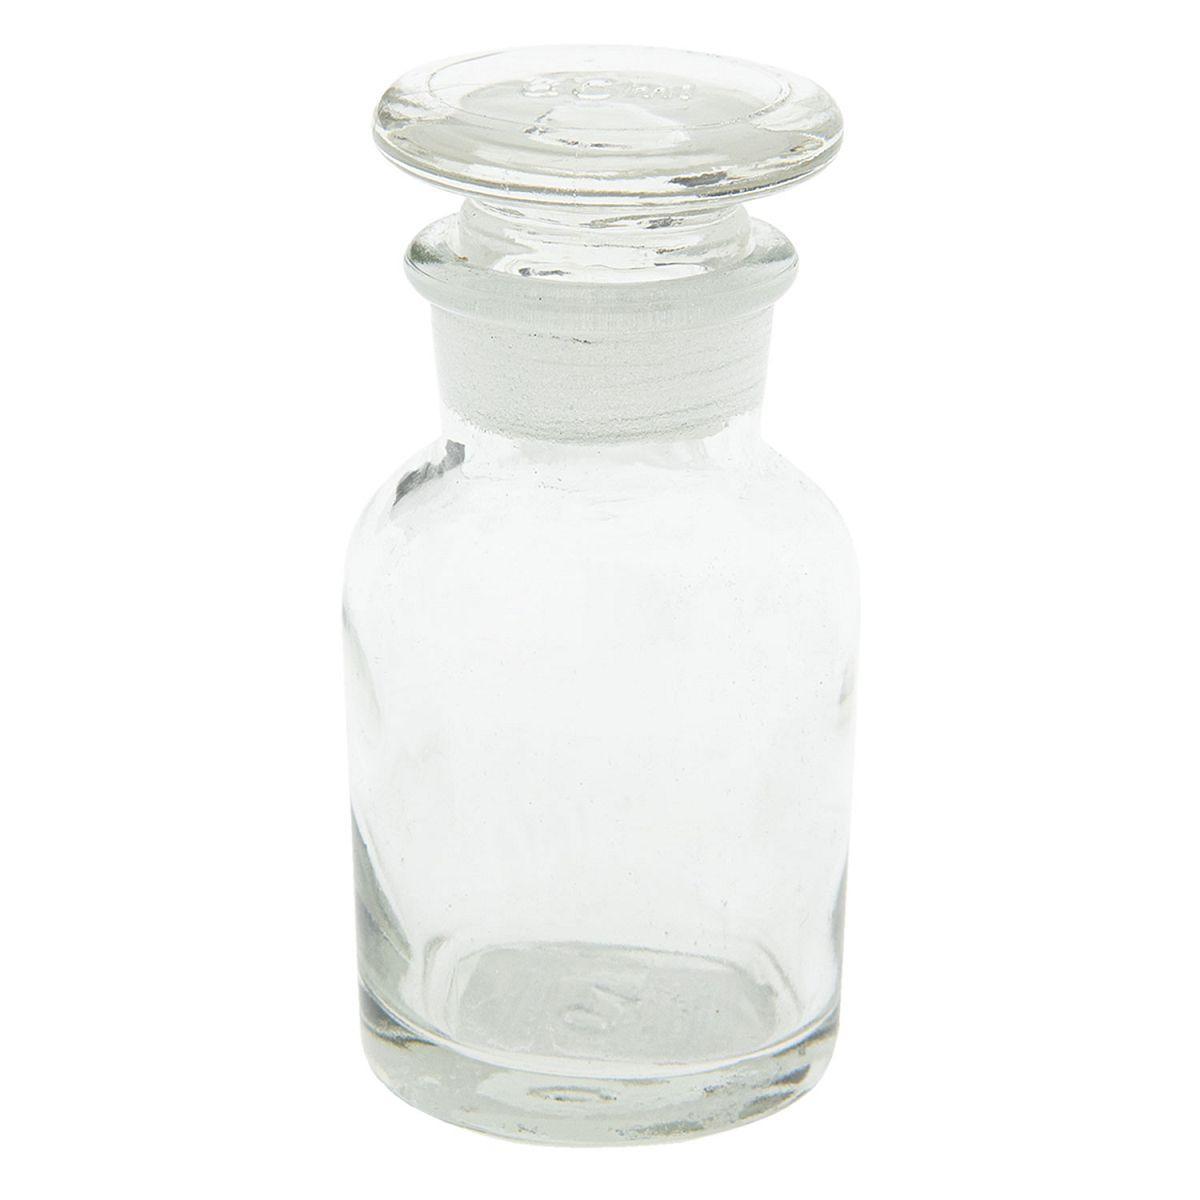 1- Lékovka, dekorační lahvička 60 ml